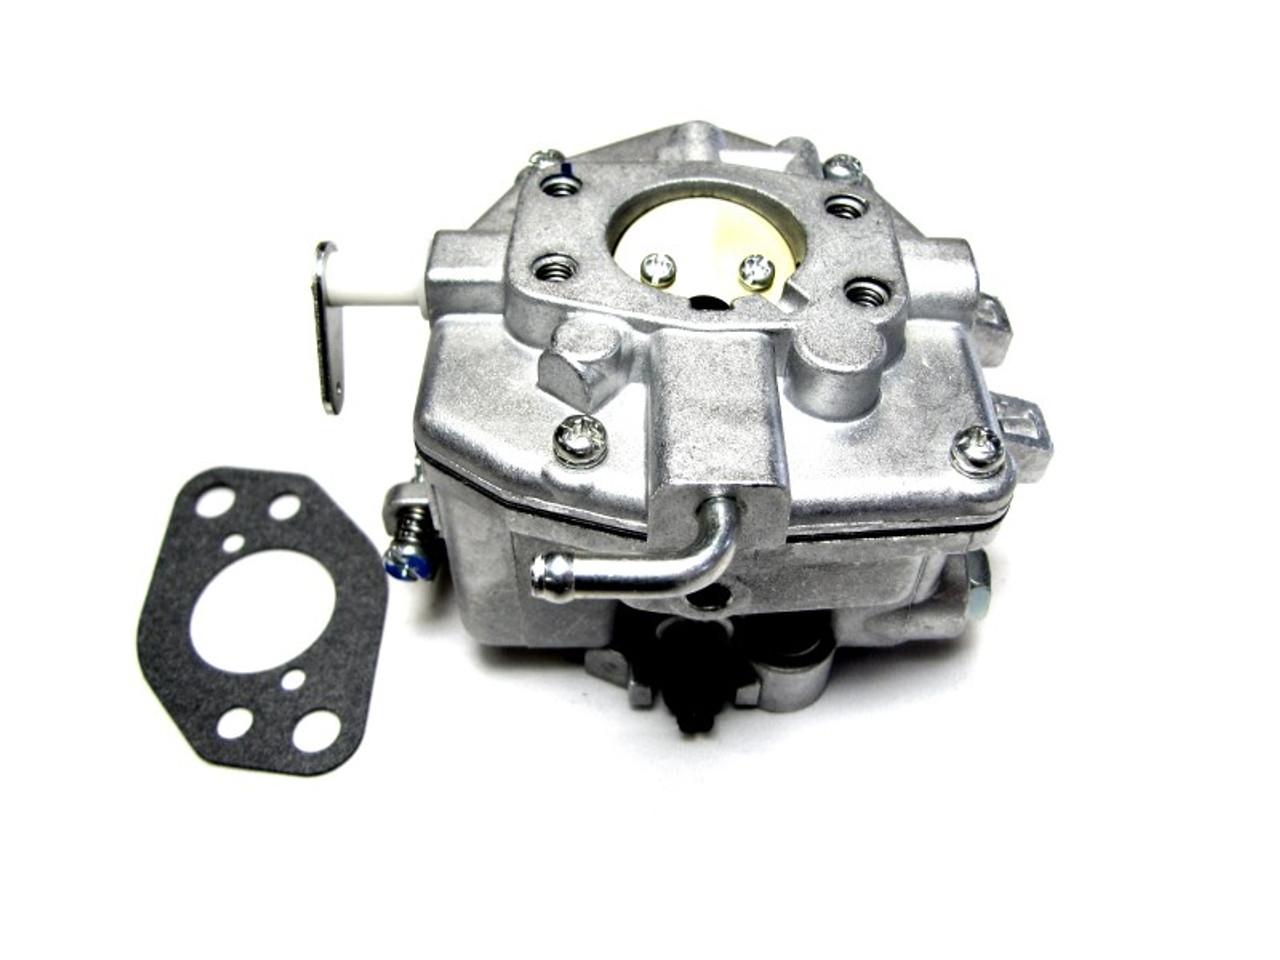 New Briggs & Stratton OEM Carburetor 809011